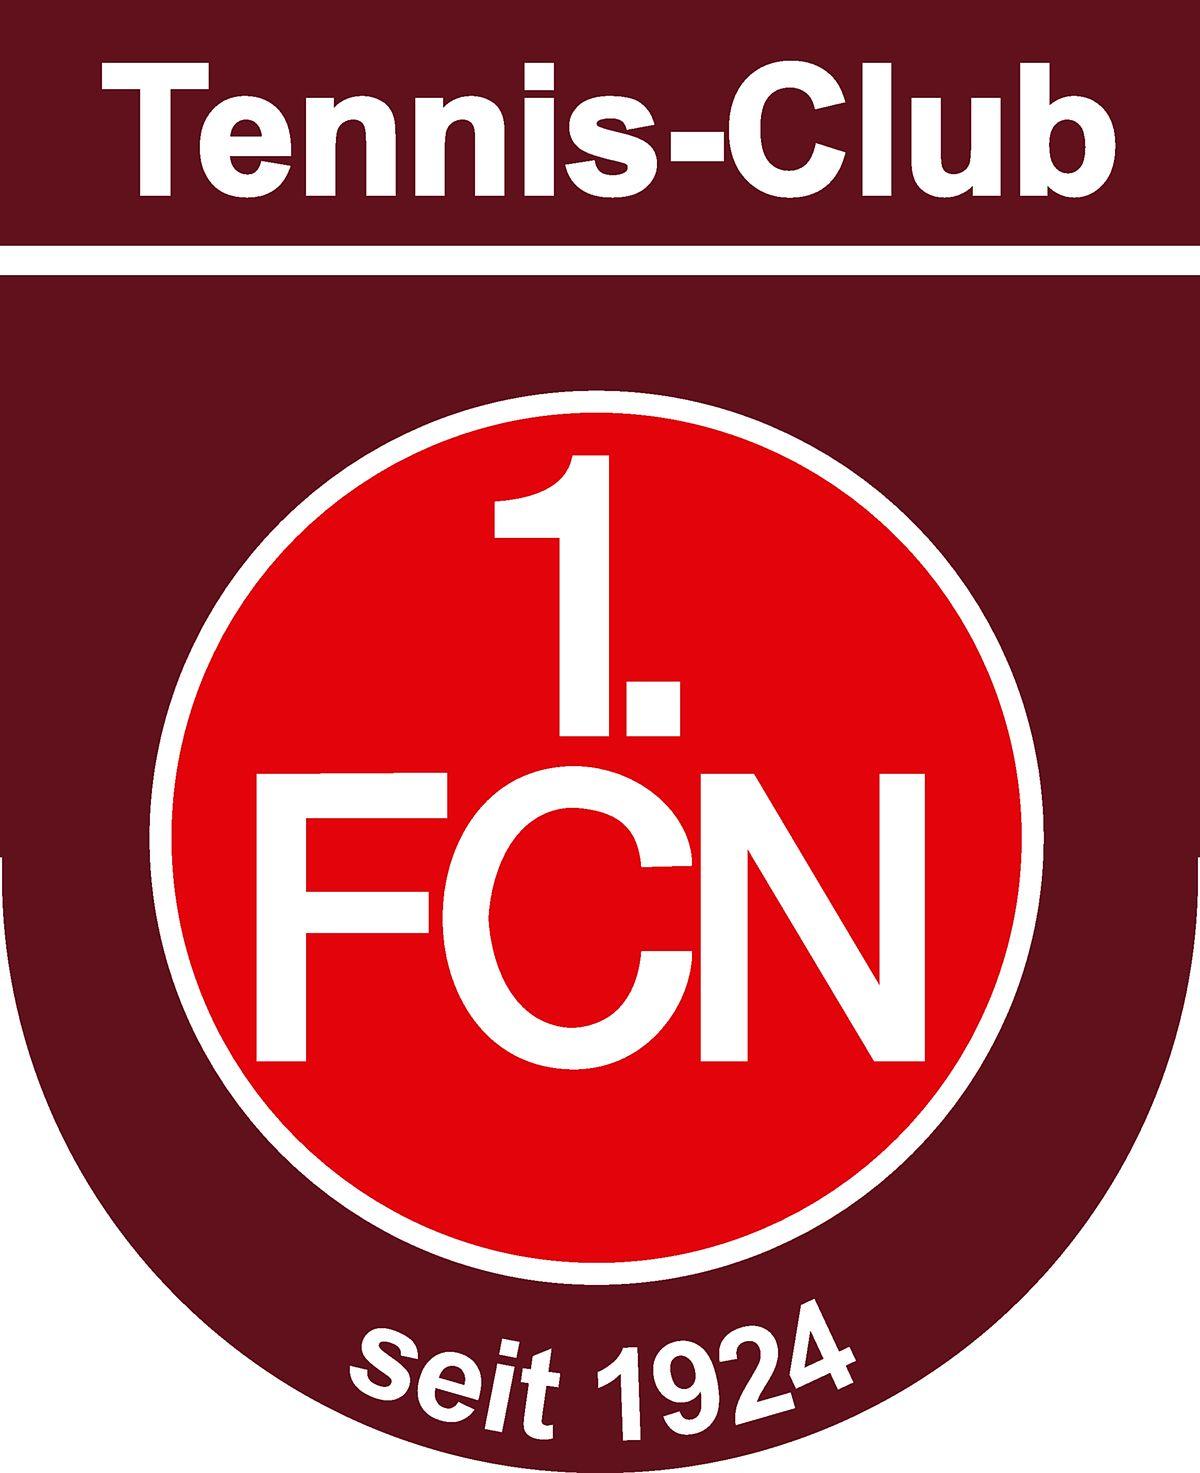 Tennis Club 1 FC Nrnberg Wikipedia